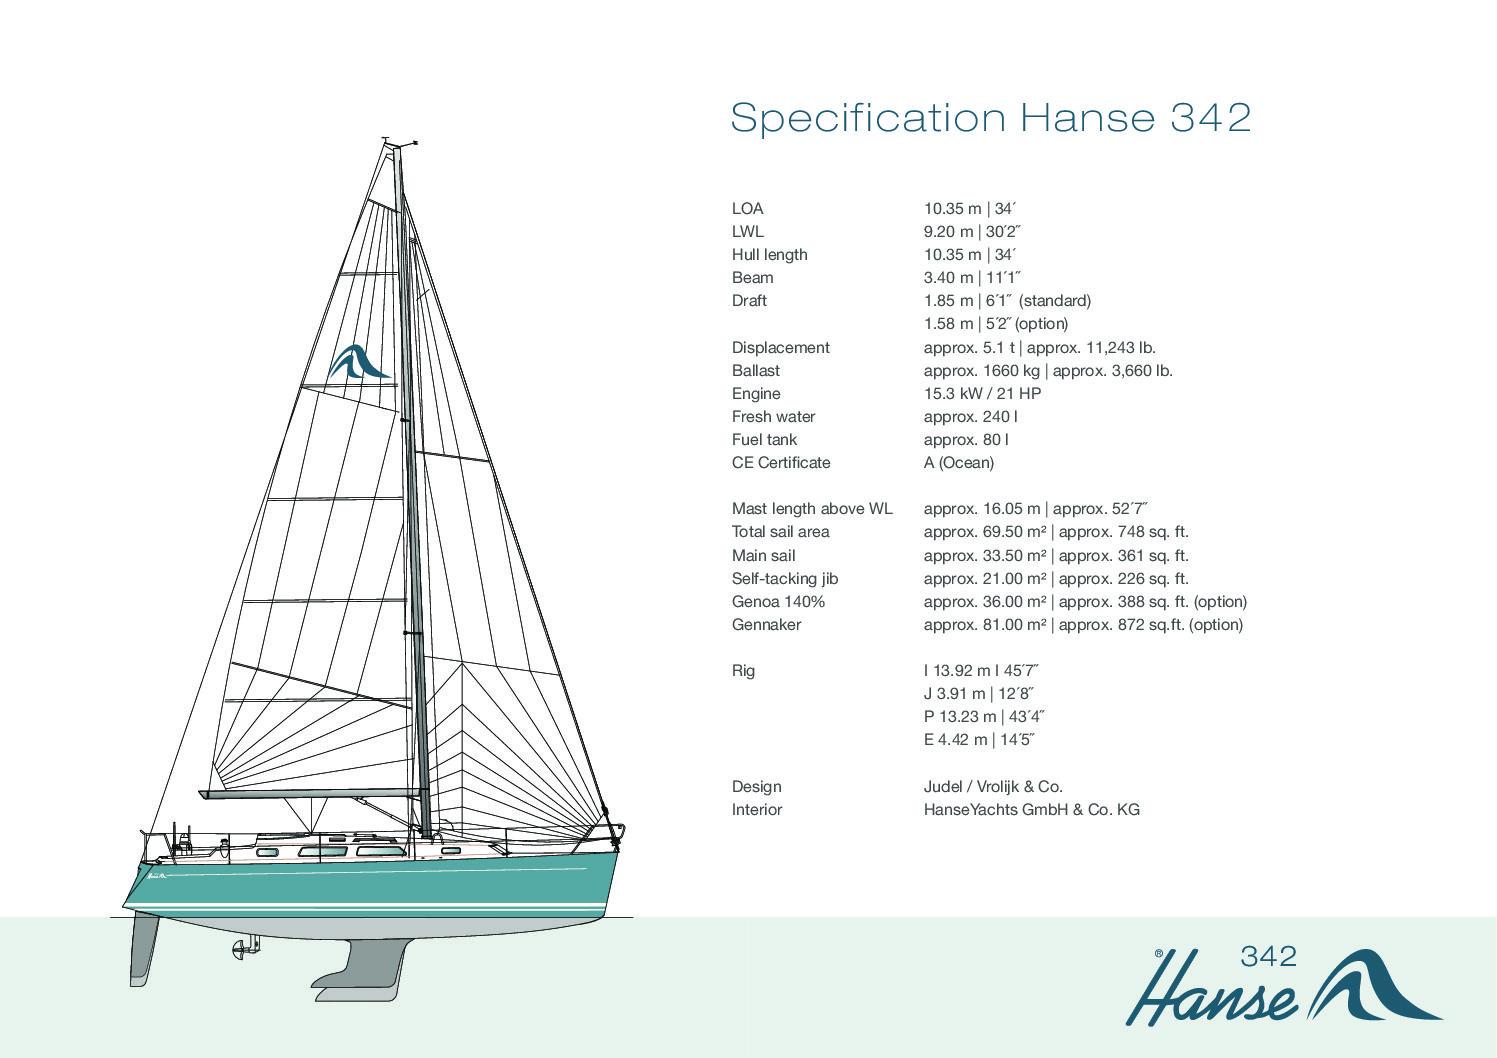 H342 2005 spec